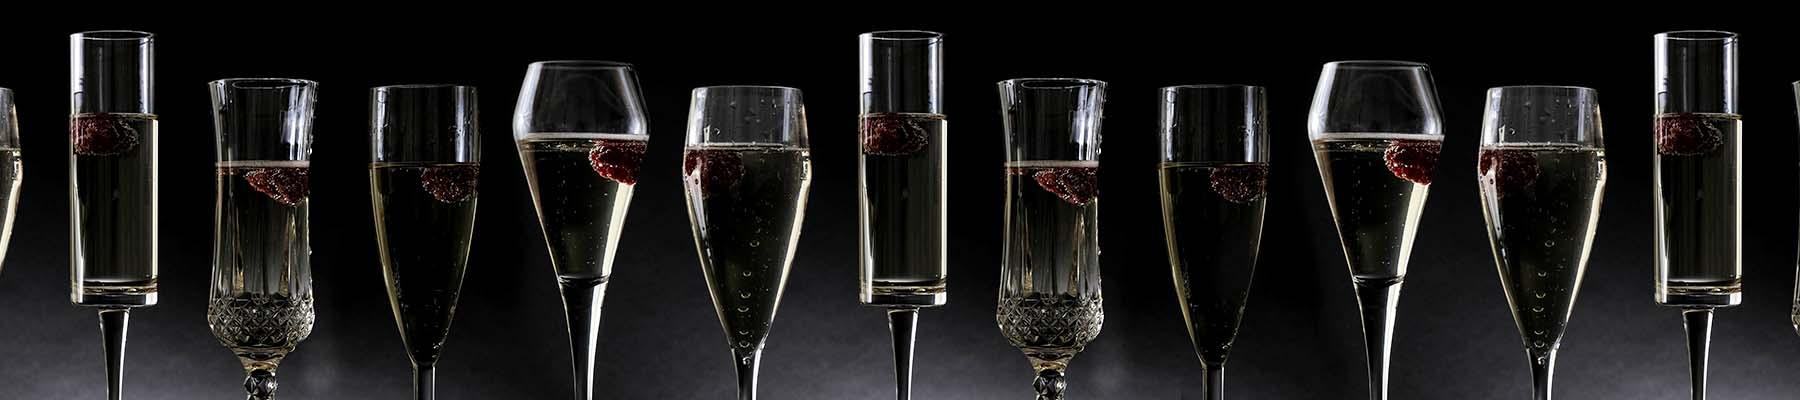 Champagne Plastic Glassware Banner 2